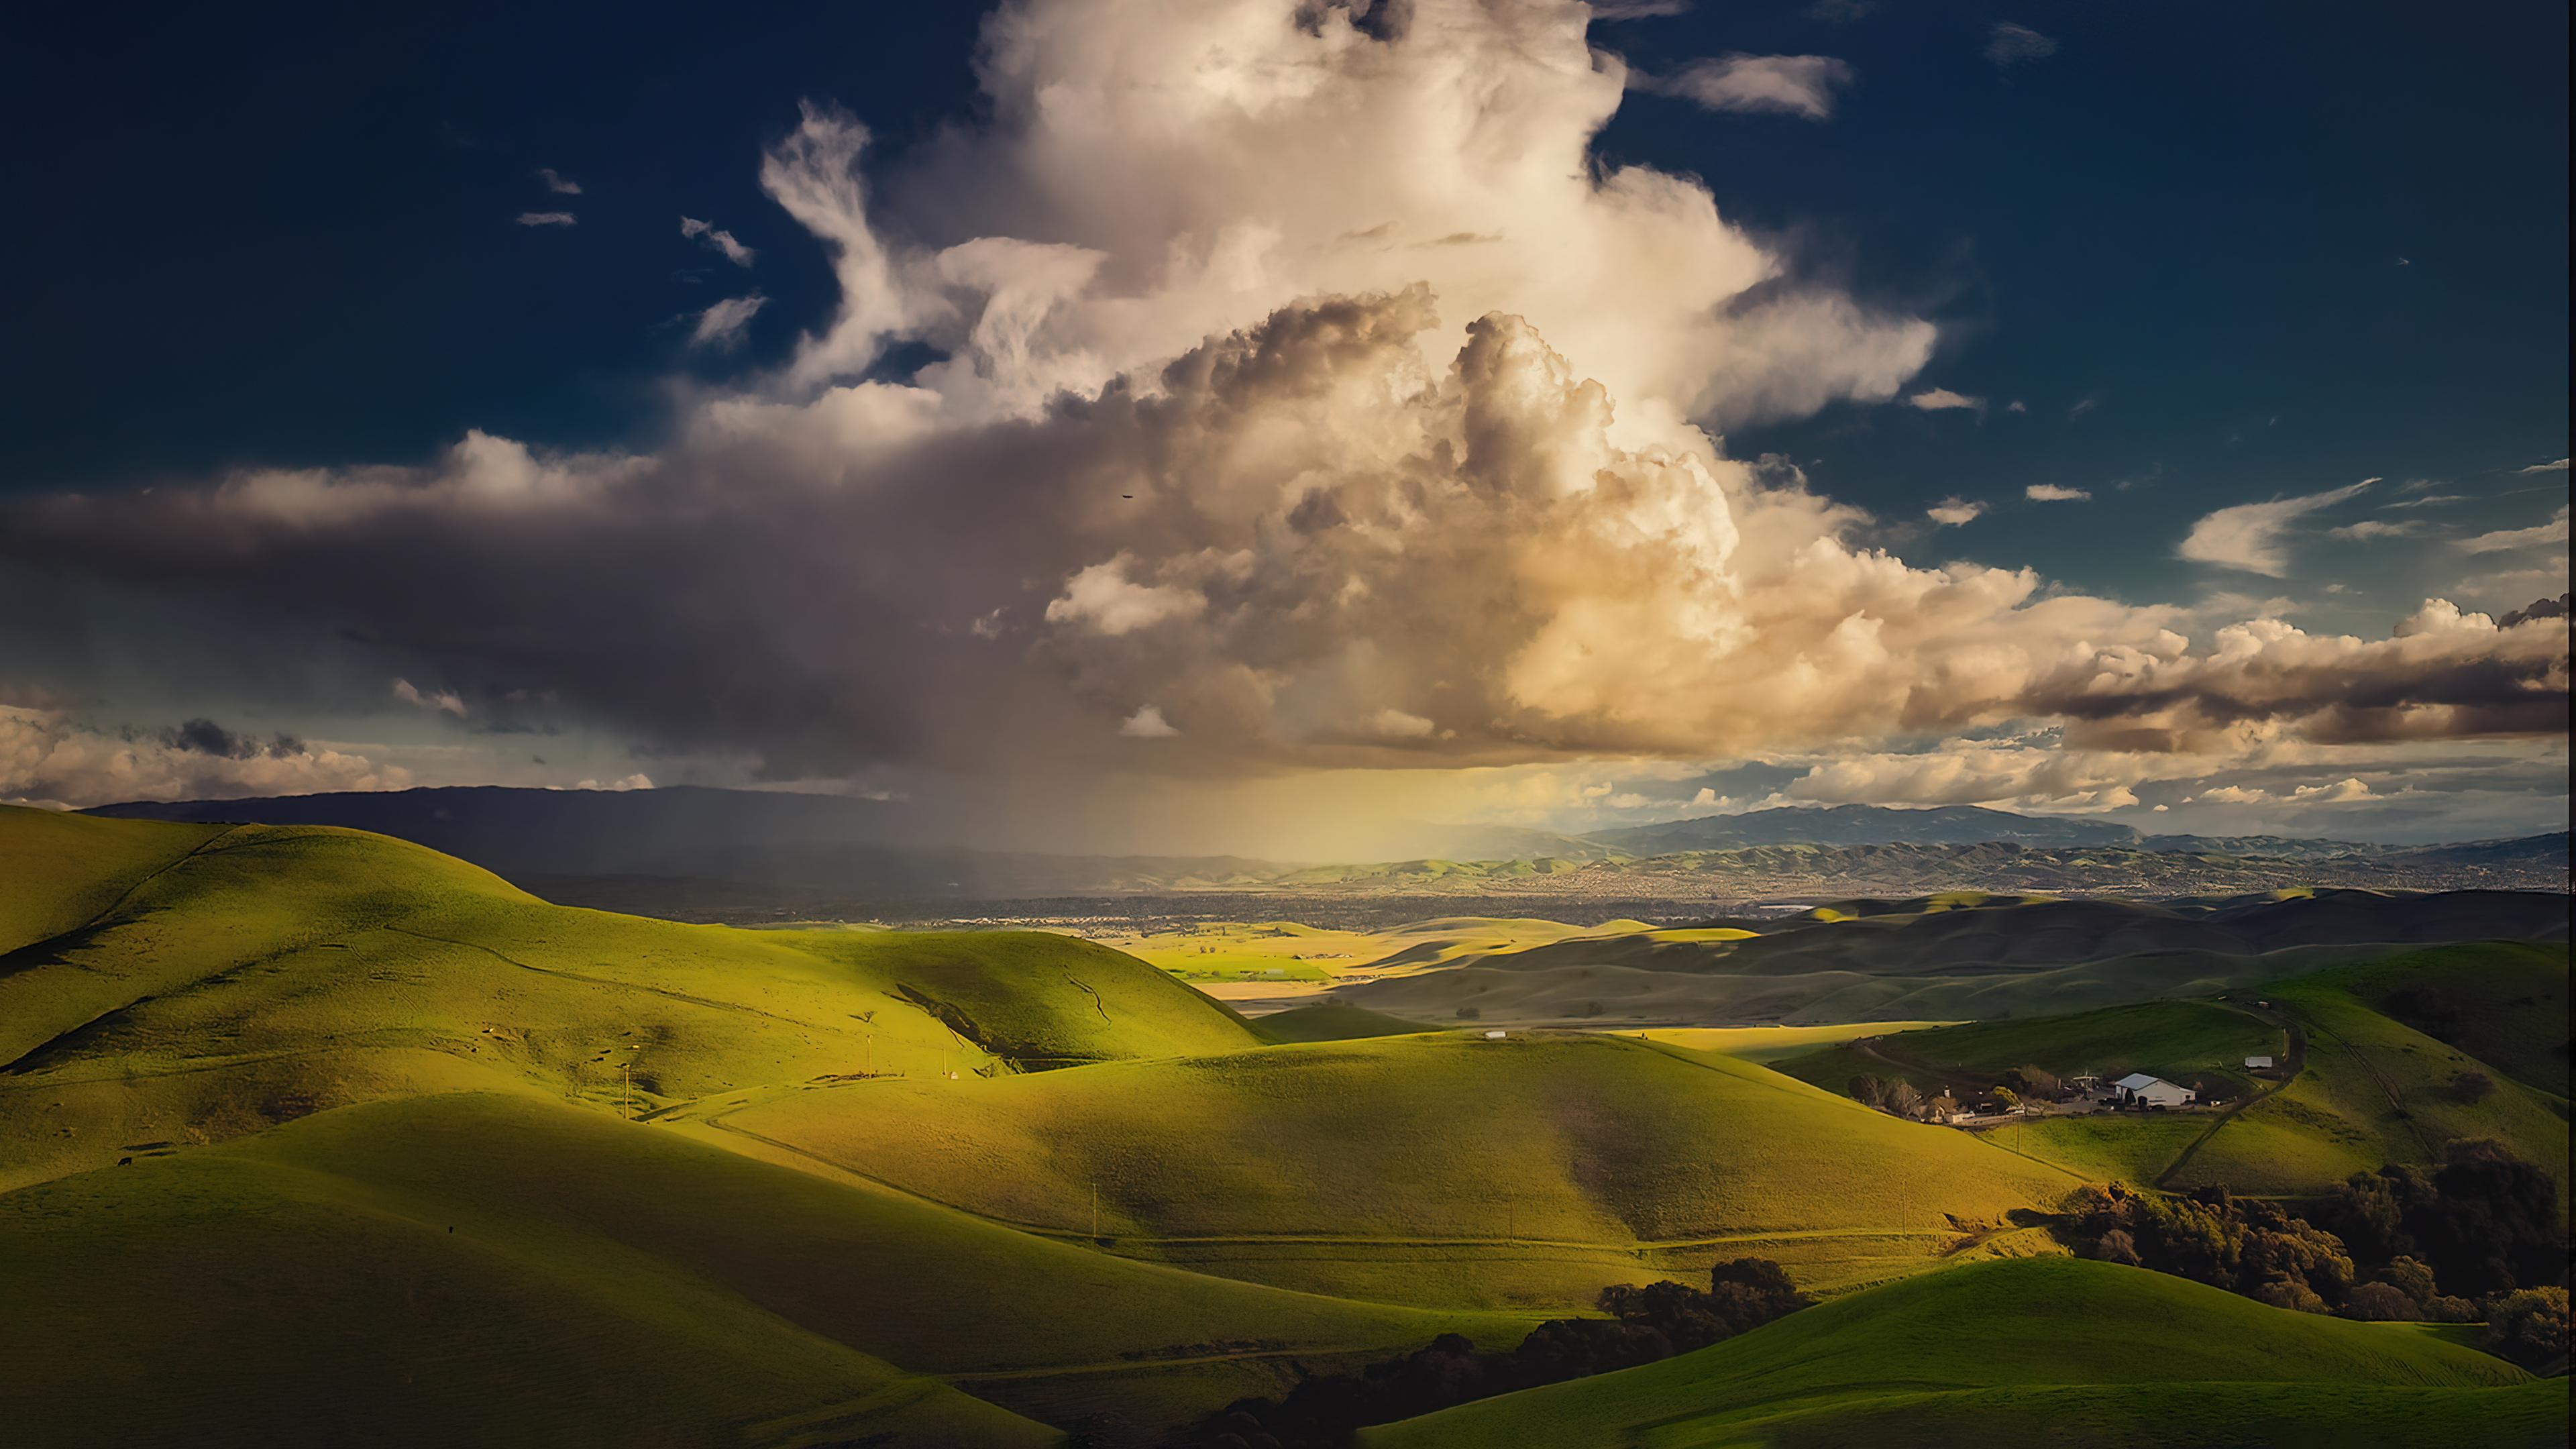 Fondos de pantalla Nubes sobre valle